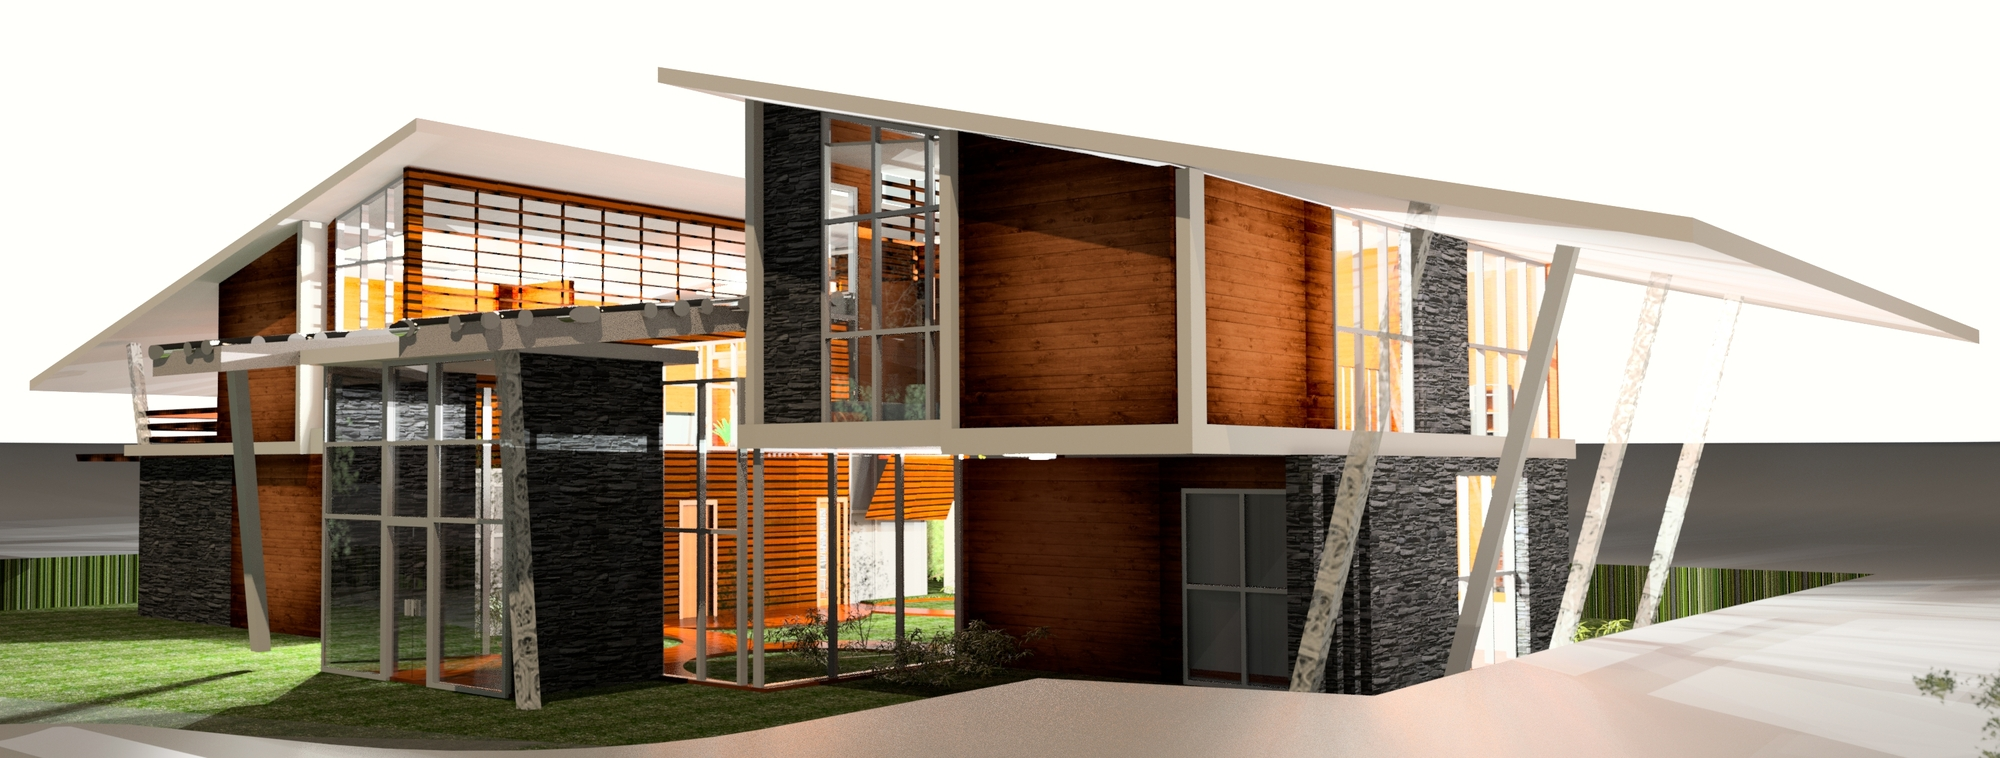 Raas-rendering20141203-7910-vqk8v5